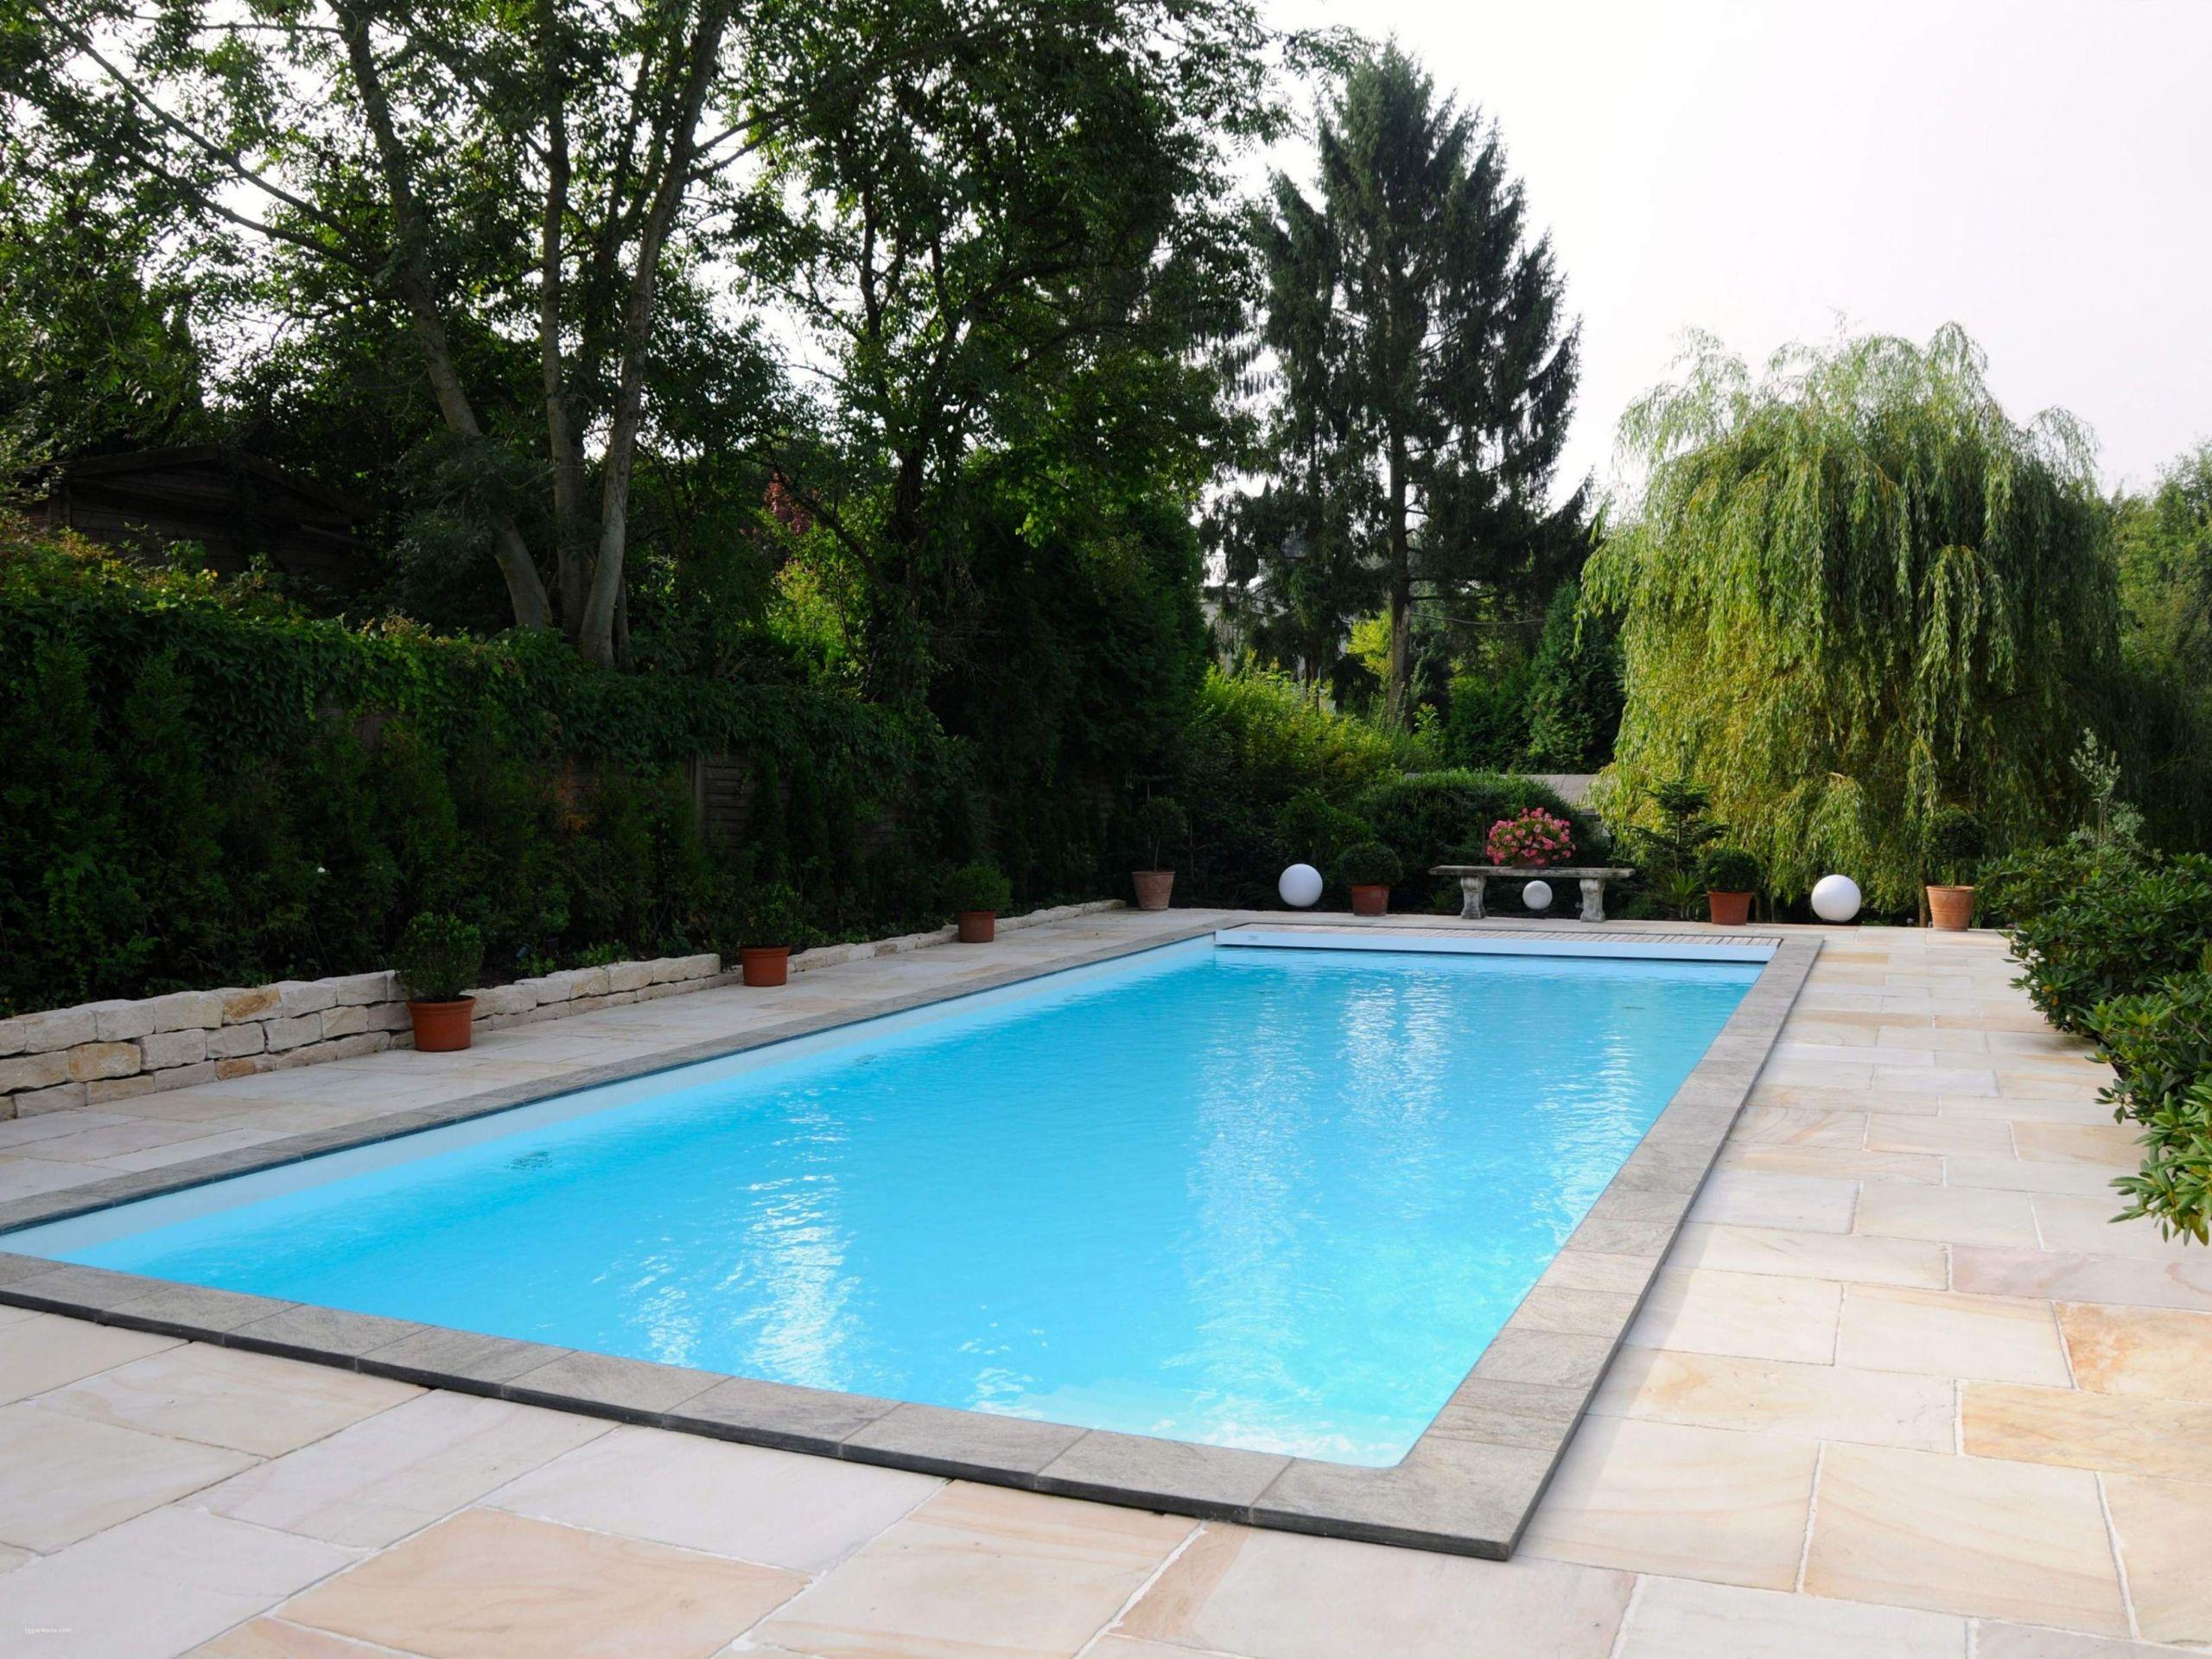 40 neu garten pool ideen swimming pool in frankfurt swimming pool in frankfurt 1